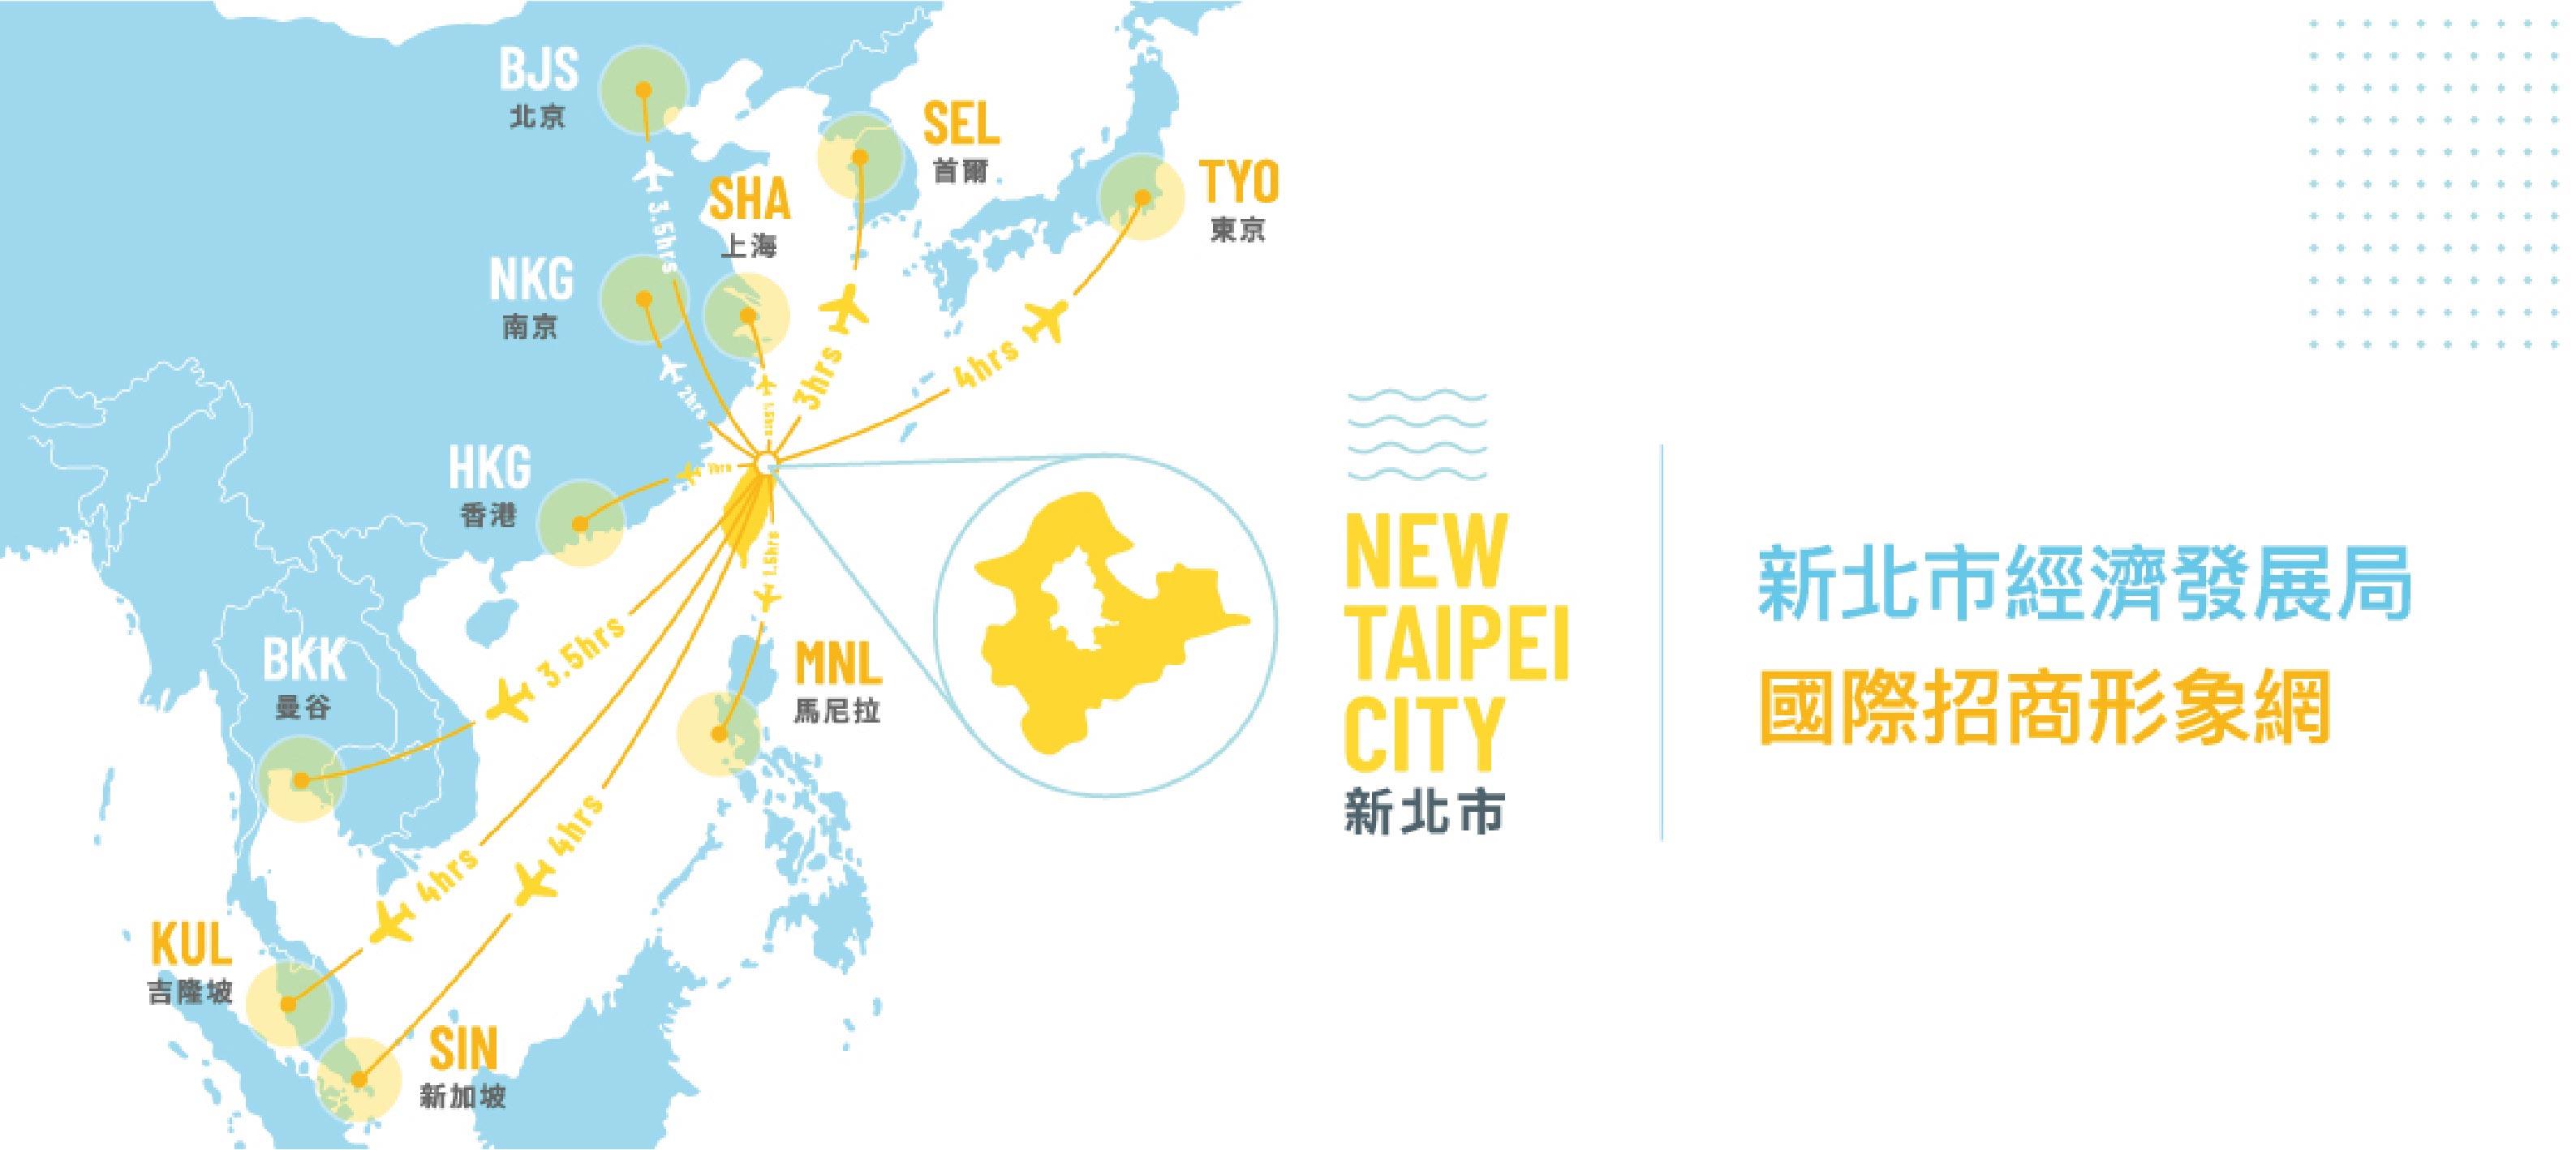 新北航線圖(另開新視窗)